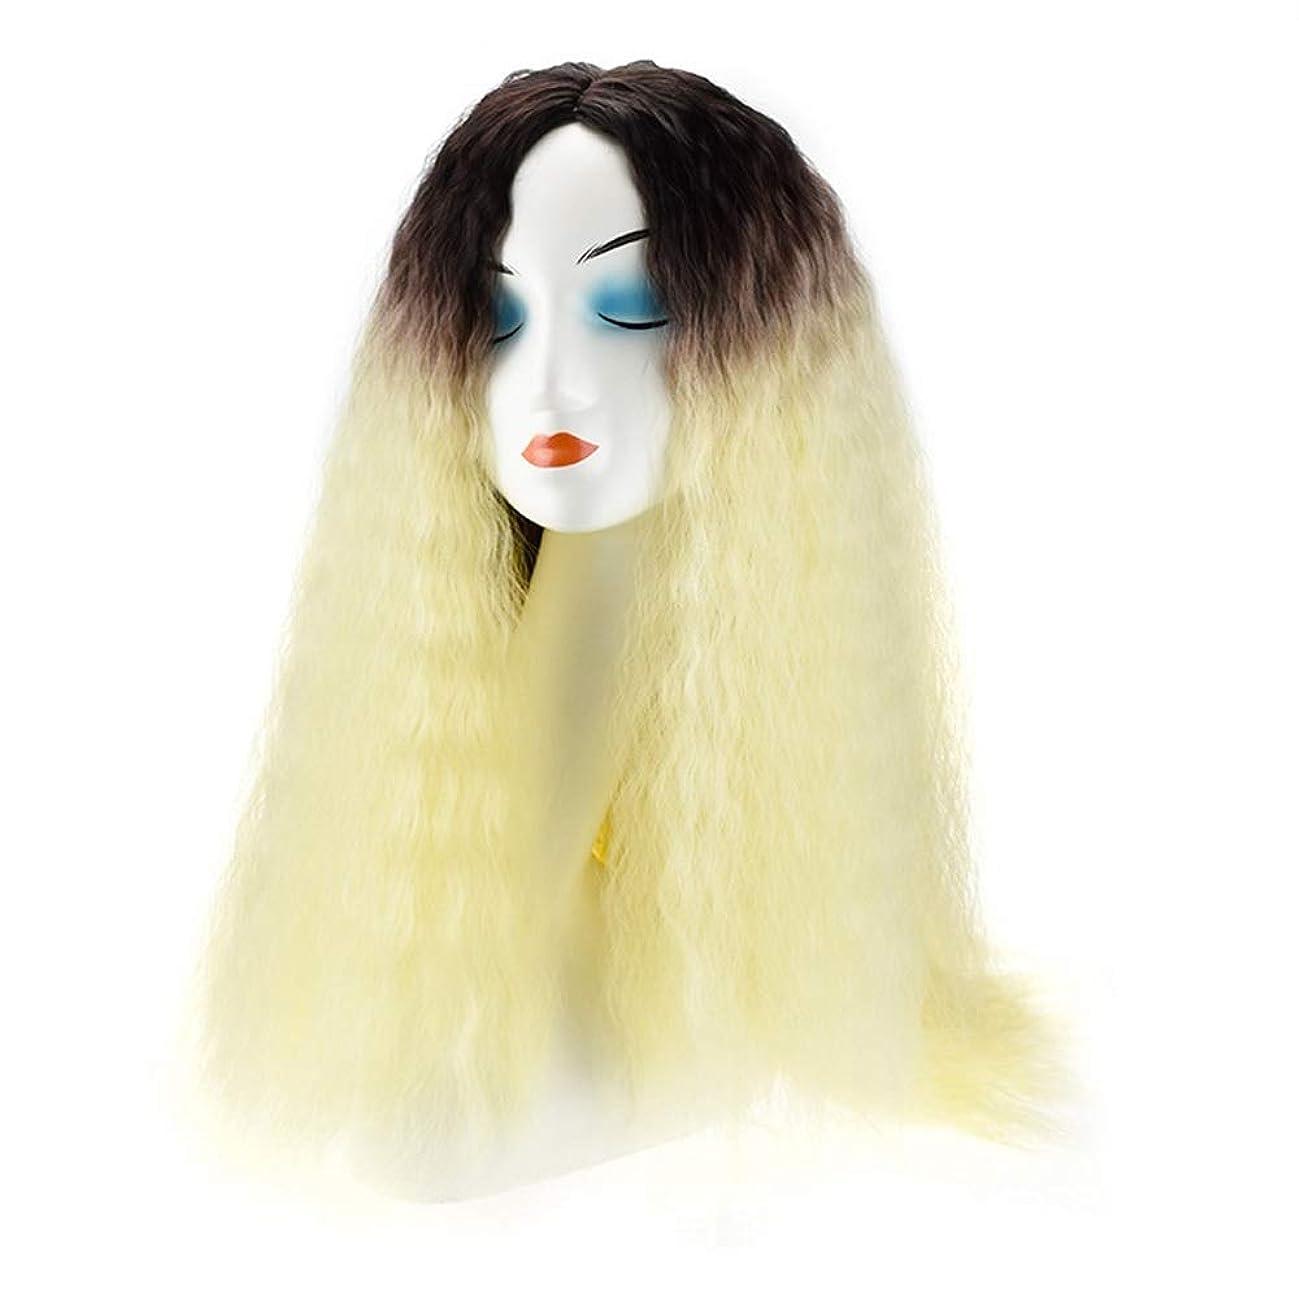 重荷土器気性BOBIDYEE 20インチブロンド変態ストレートコーンホットウィッグファッションビッグウェーブロングヘア人工毛用女性毎日のドレスパーティーかつら (色 : Blonde)